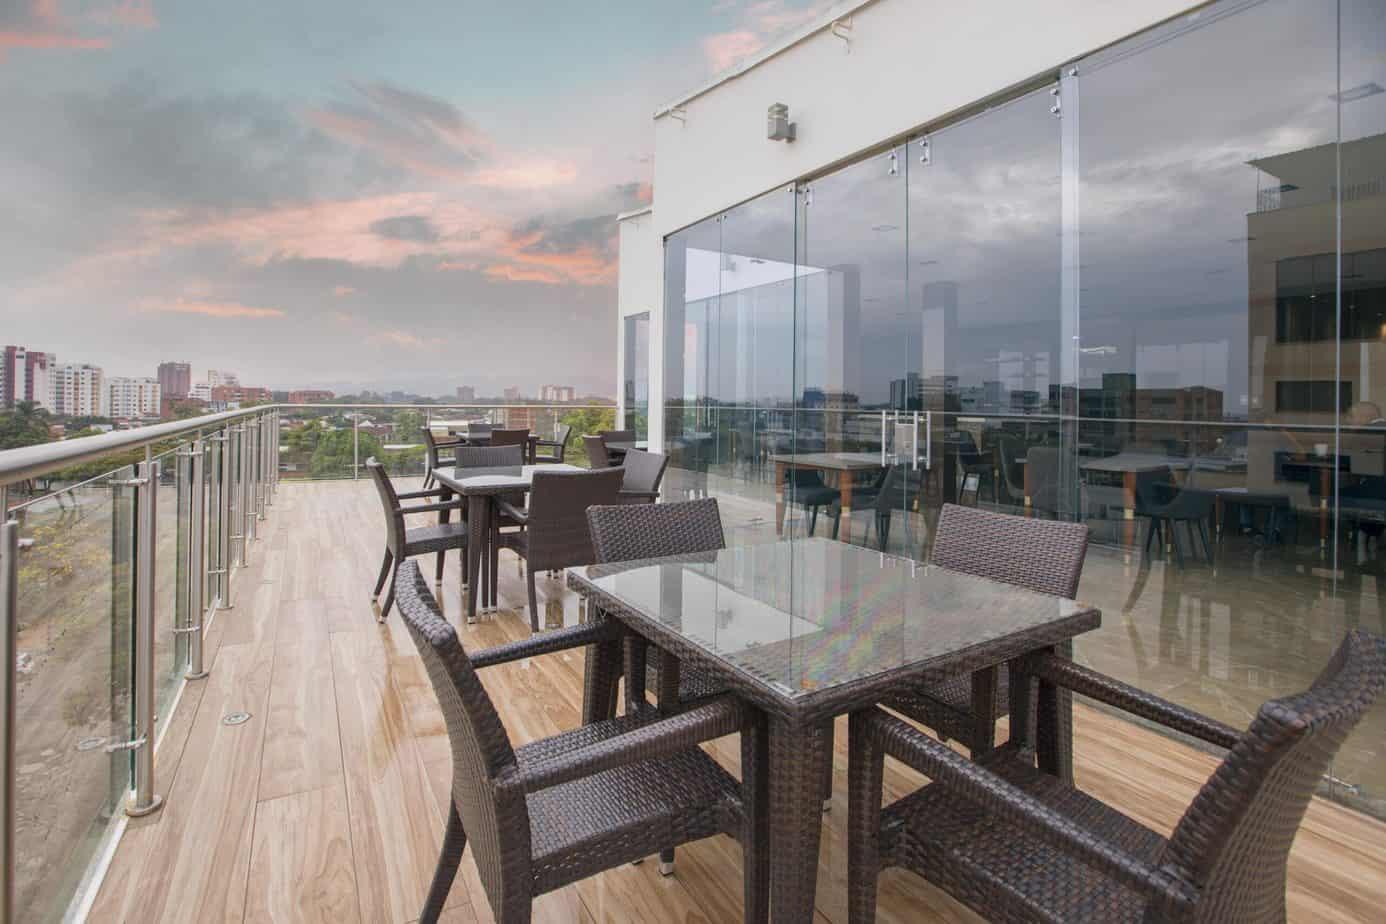 img instalaciones restaurante y terraza 3 alba studio